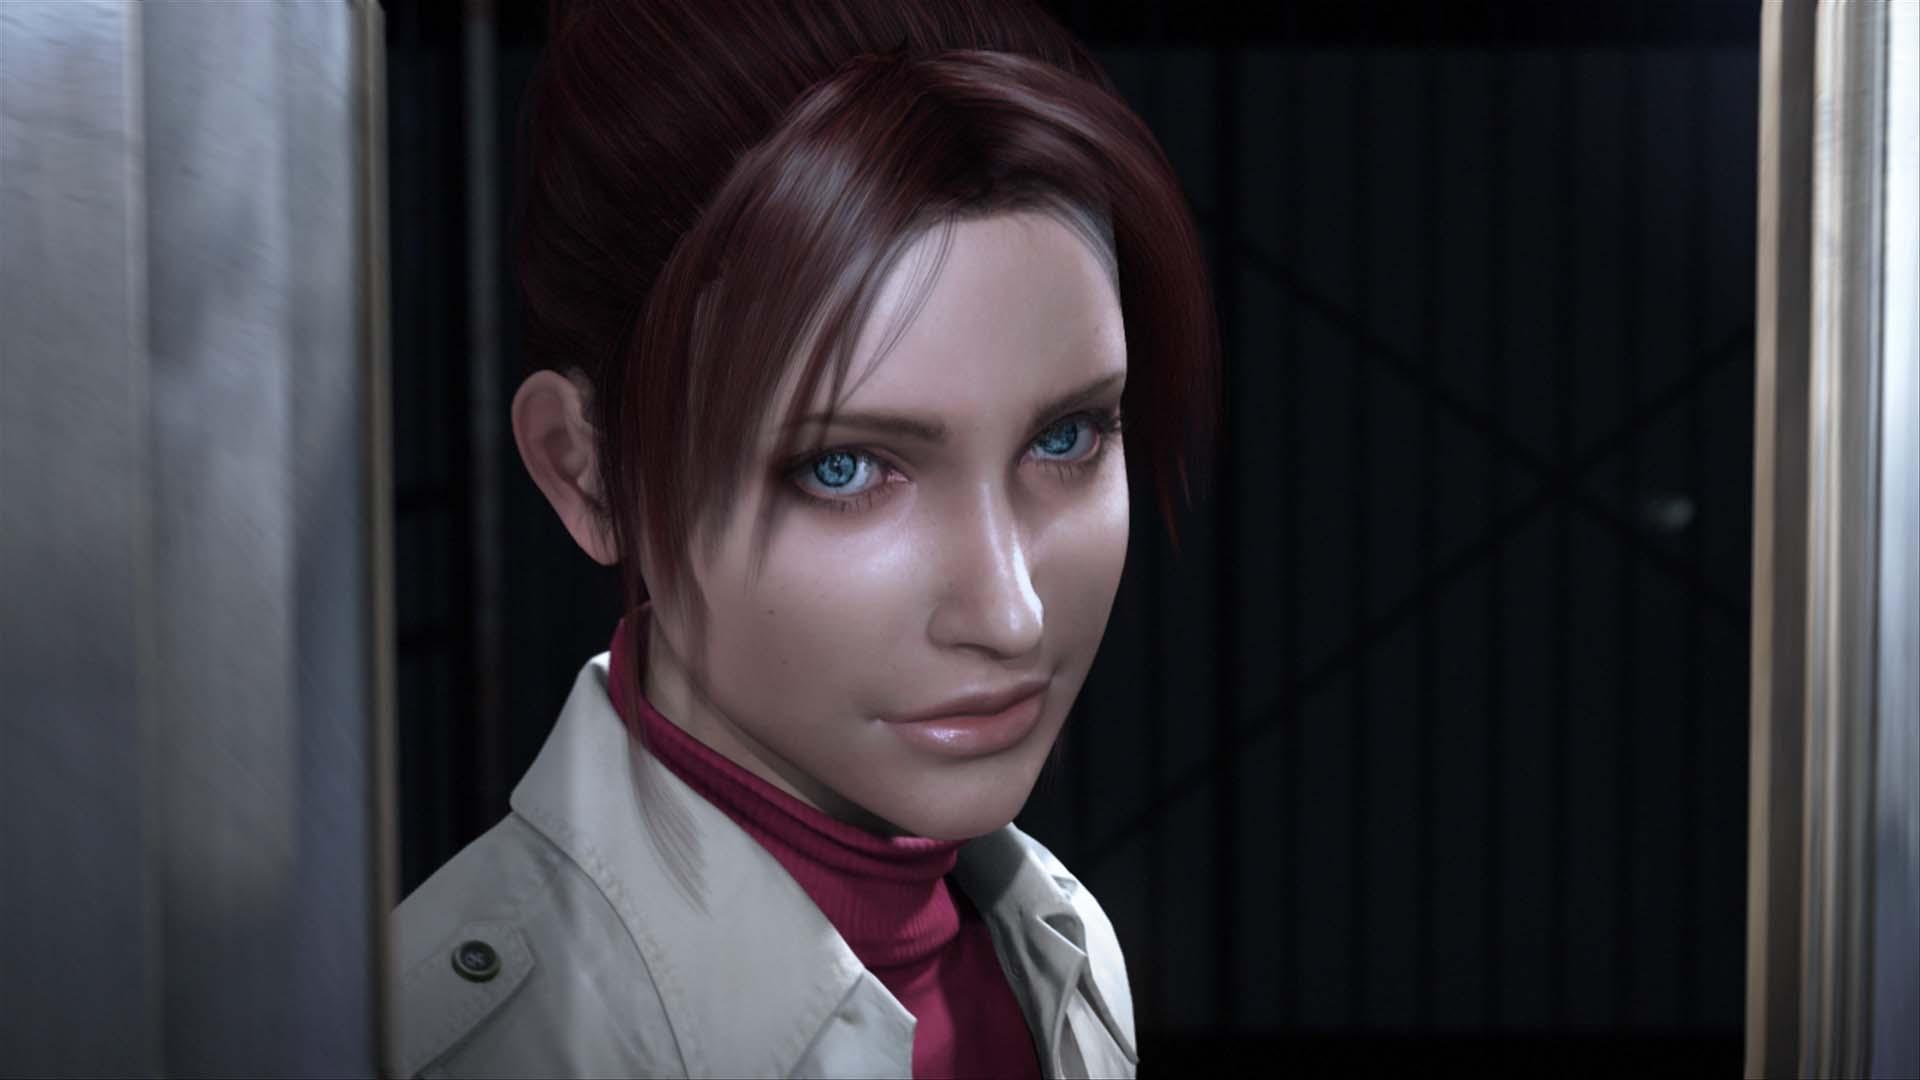 Rumor: Resident Evil: Downfall leaked announcement?